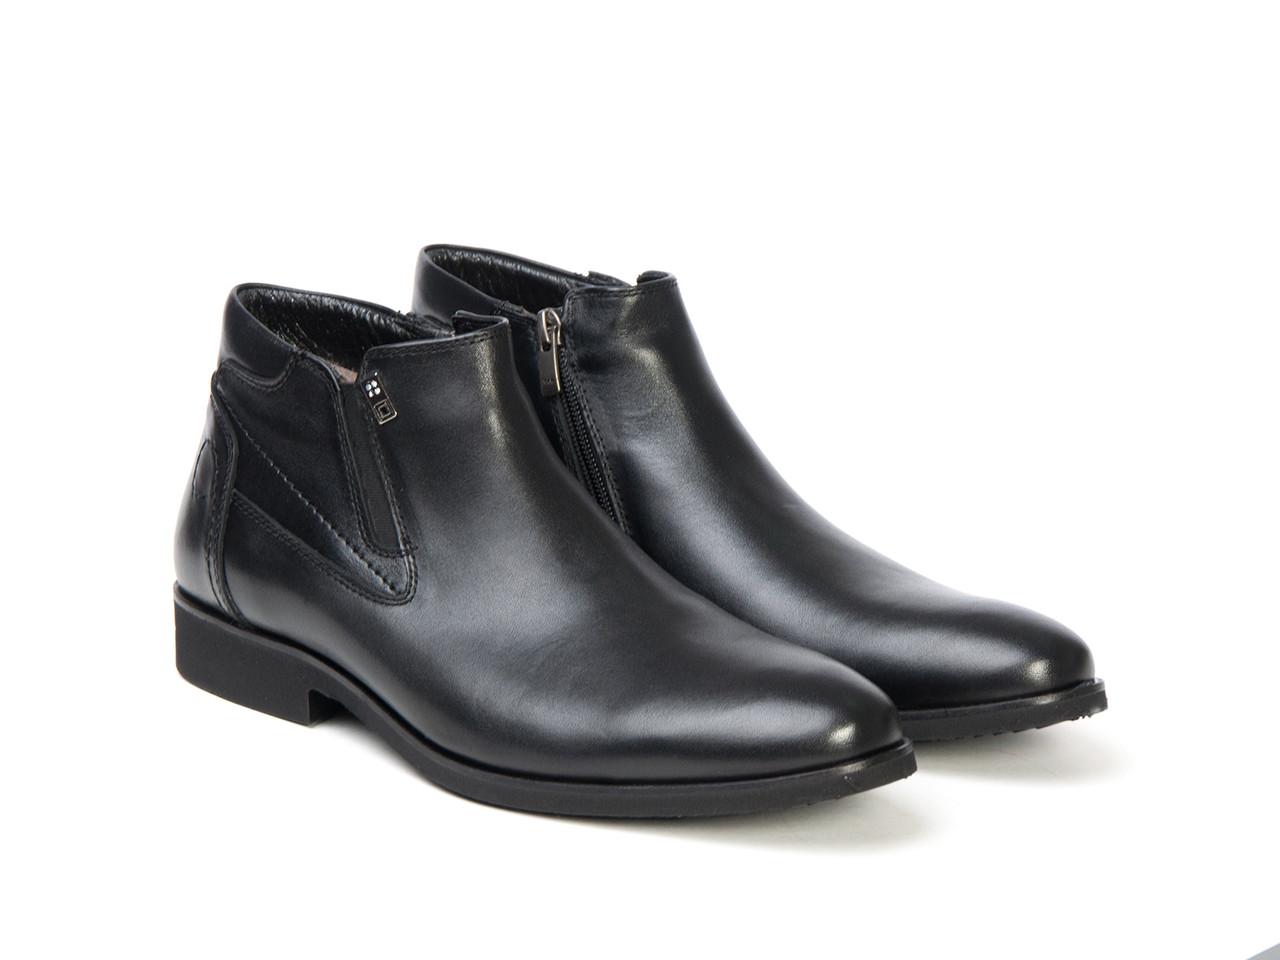 Ботинки Etor 11097-5556-5 черные